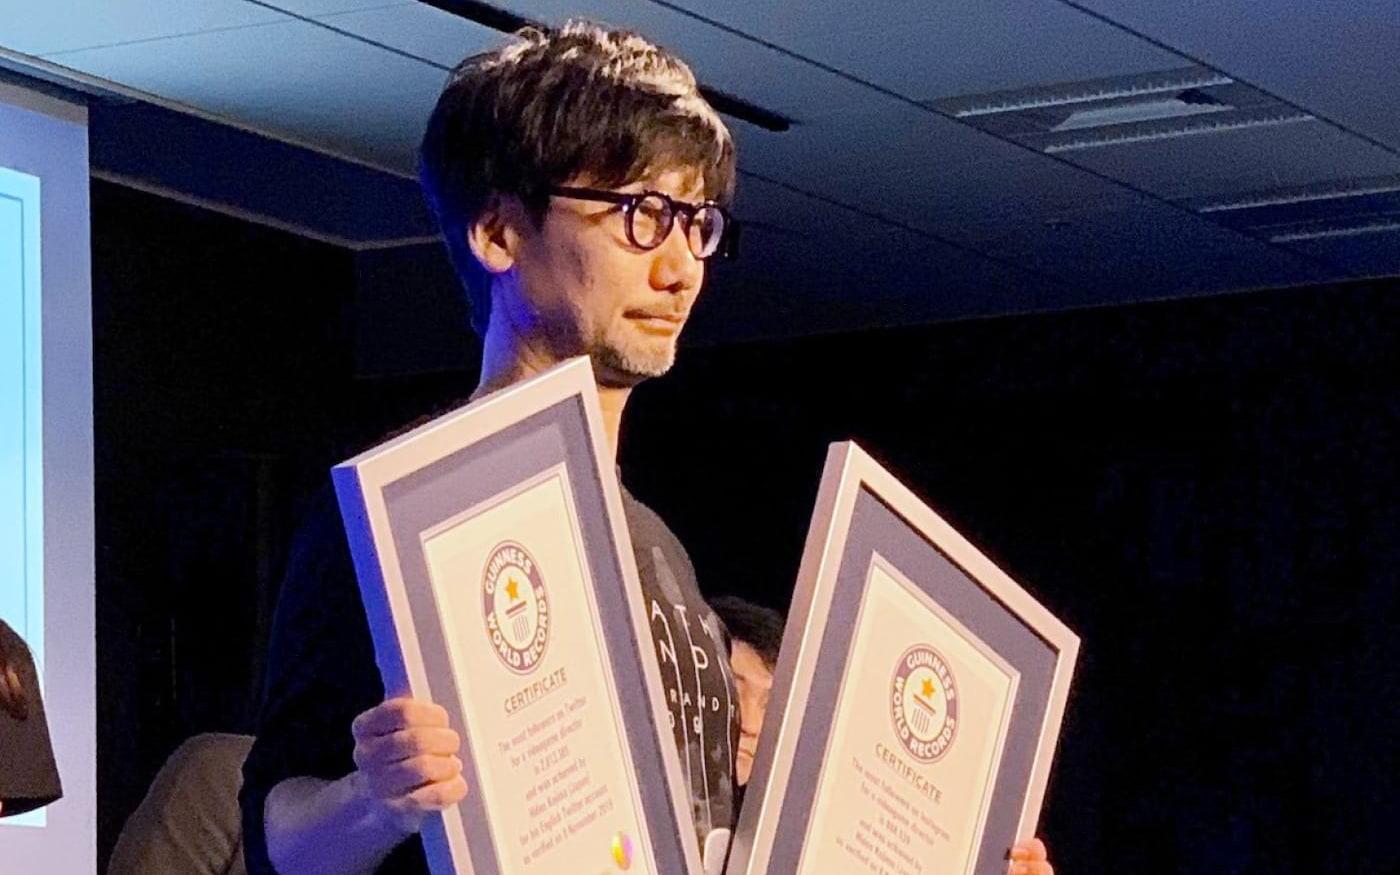 Hideo Kojima recebe dois recordes mundiais do Guiness que não é pelos seus jogos